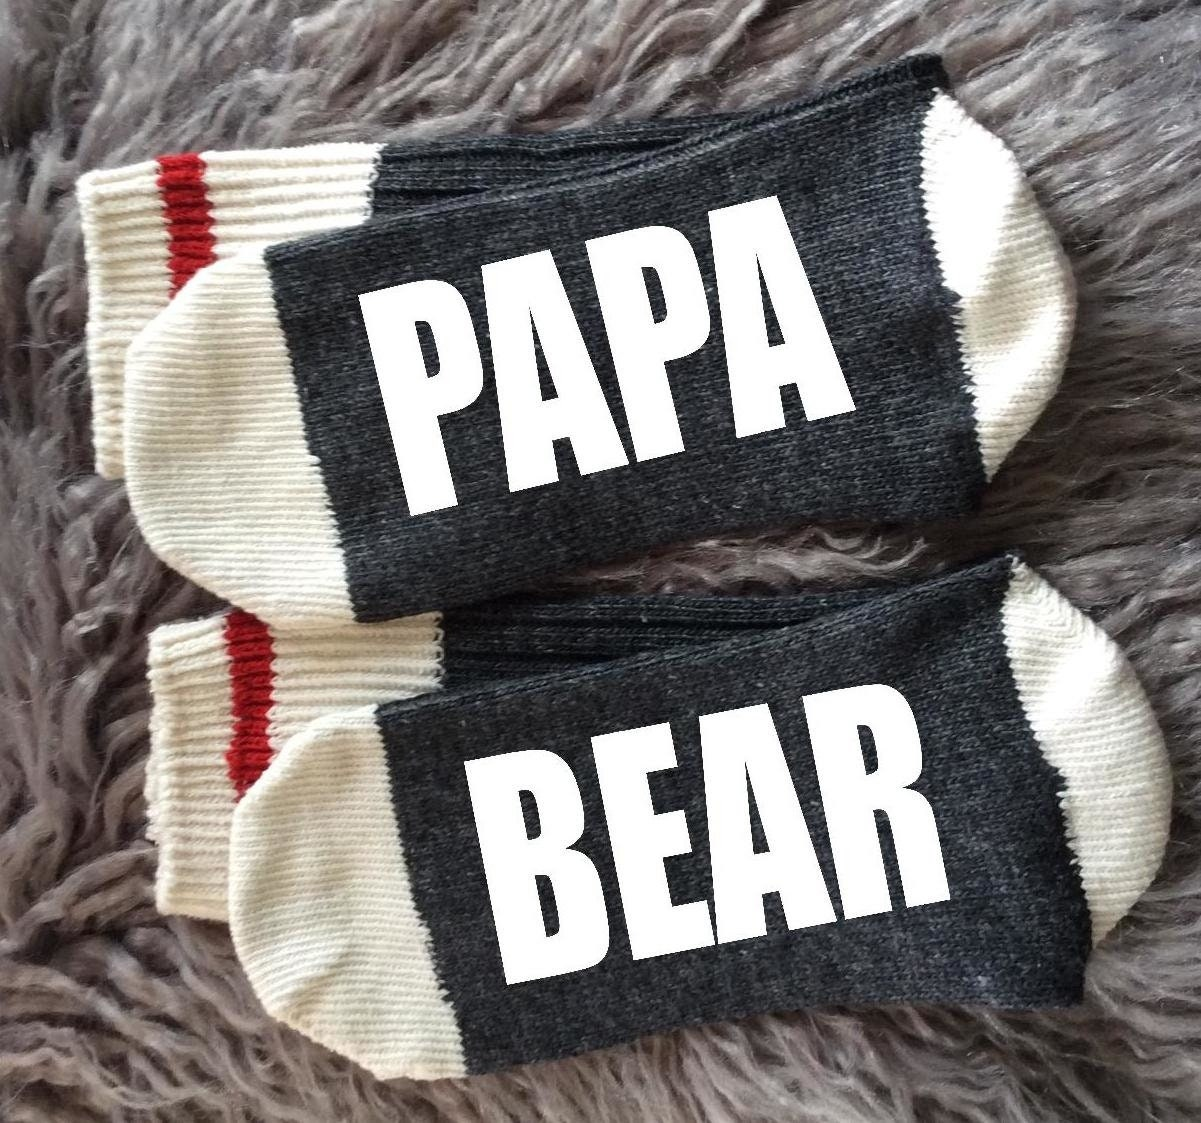 Papa-papa papa-chaussettes ours-cadeaux cadeaux-papa Bod-papa vie-Papa ours-cadeaux papa-chaussettes pour papa-cadeaux pour lui-nouveau papa cadeau de grossesse révèlent-Papa Noël-cadeau de Noël 97de6b